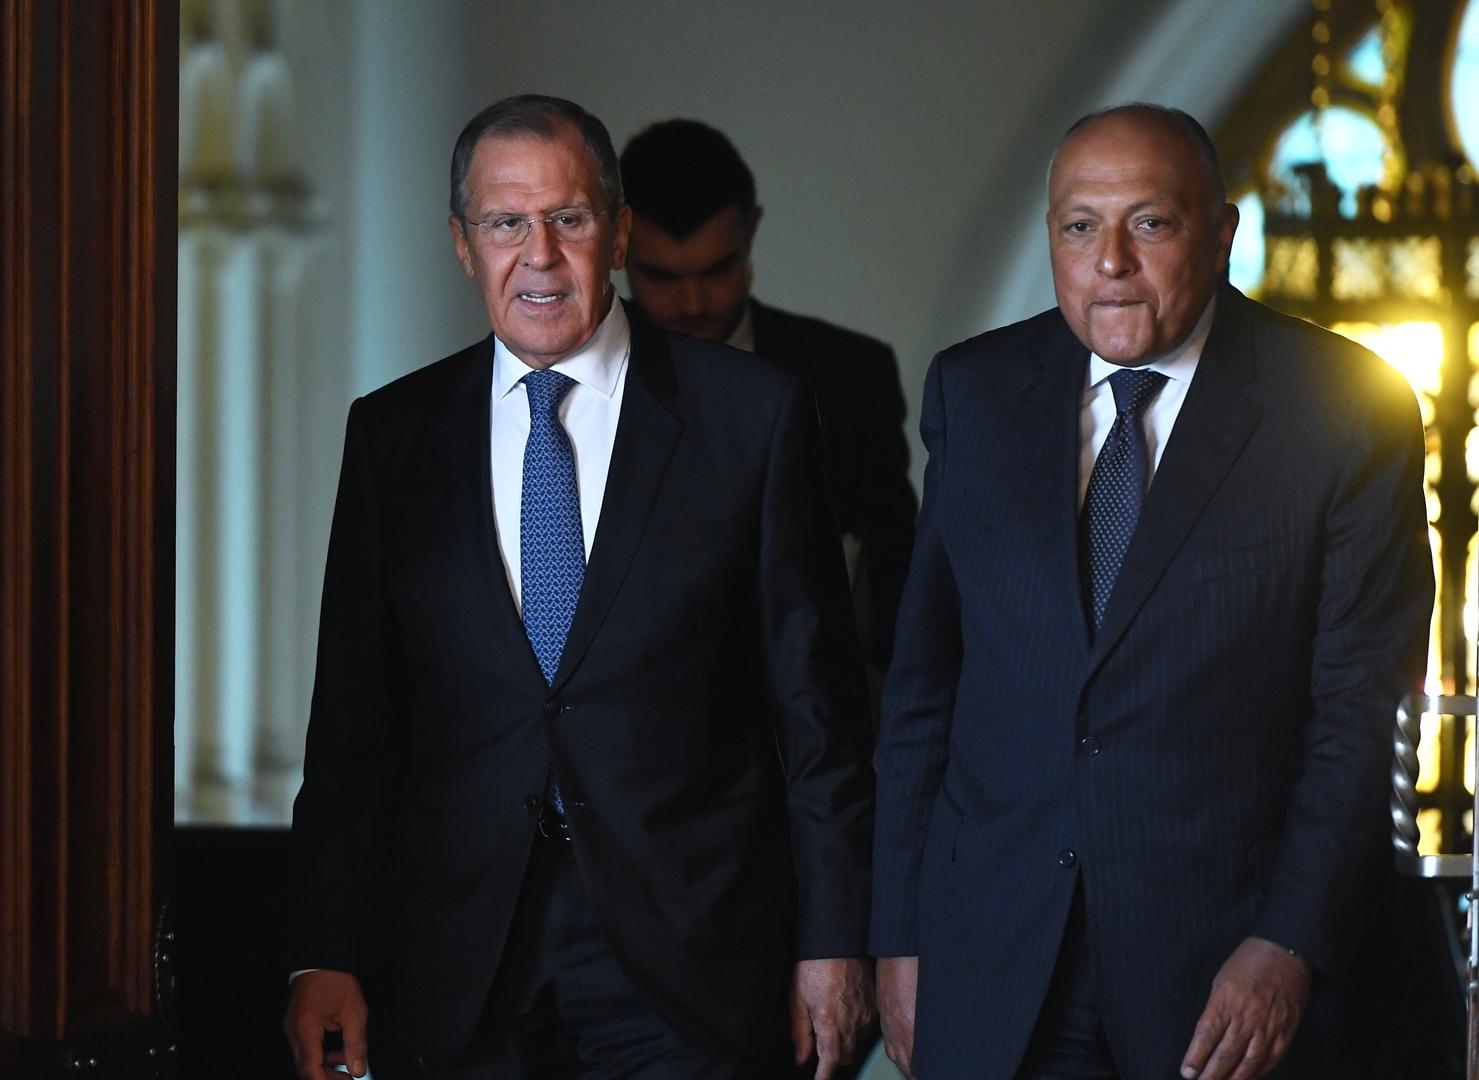 وزير الخارجية الروسي: عرضنا على مصر وإثيوبيا والسودان المساعدة الفنية بخصوص أزمة سد النهضة